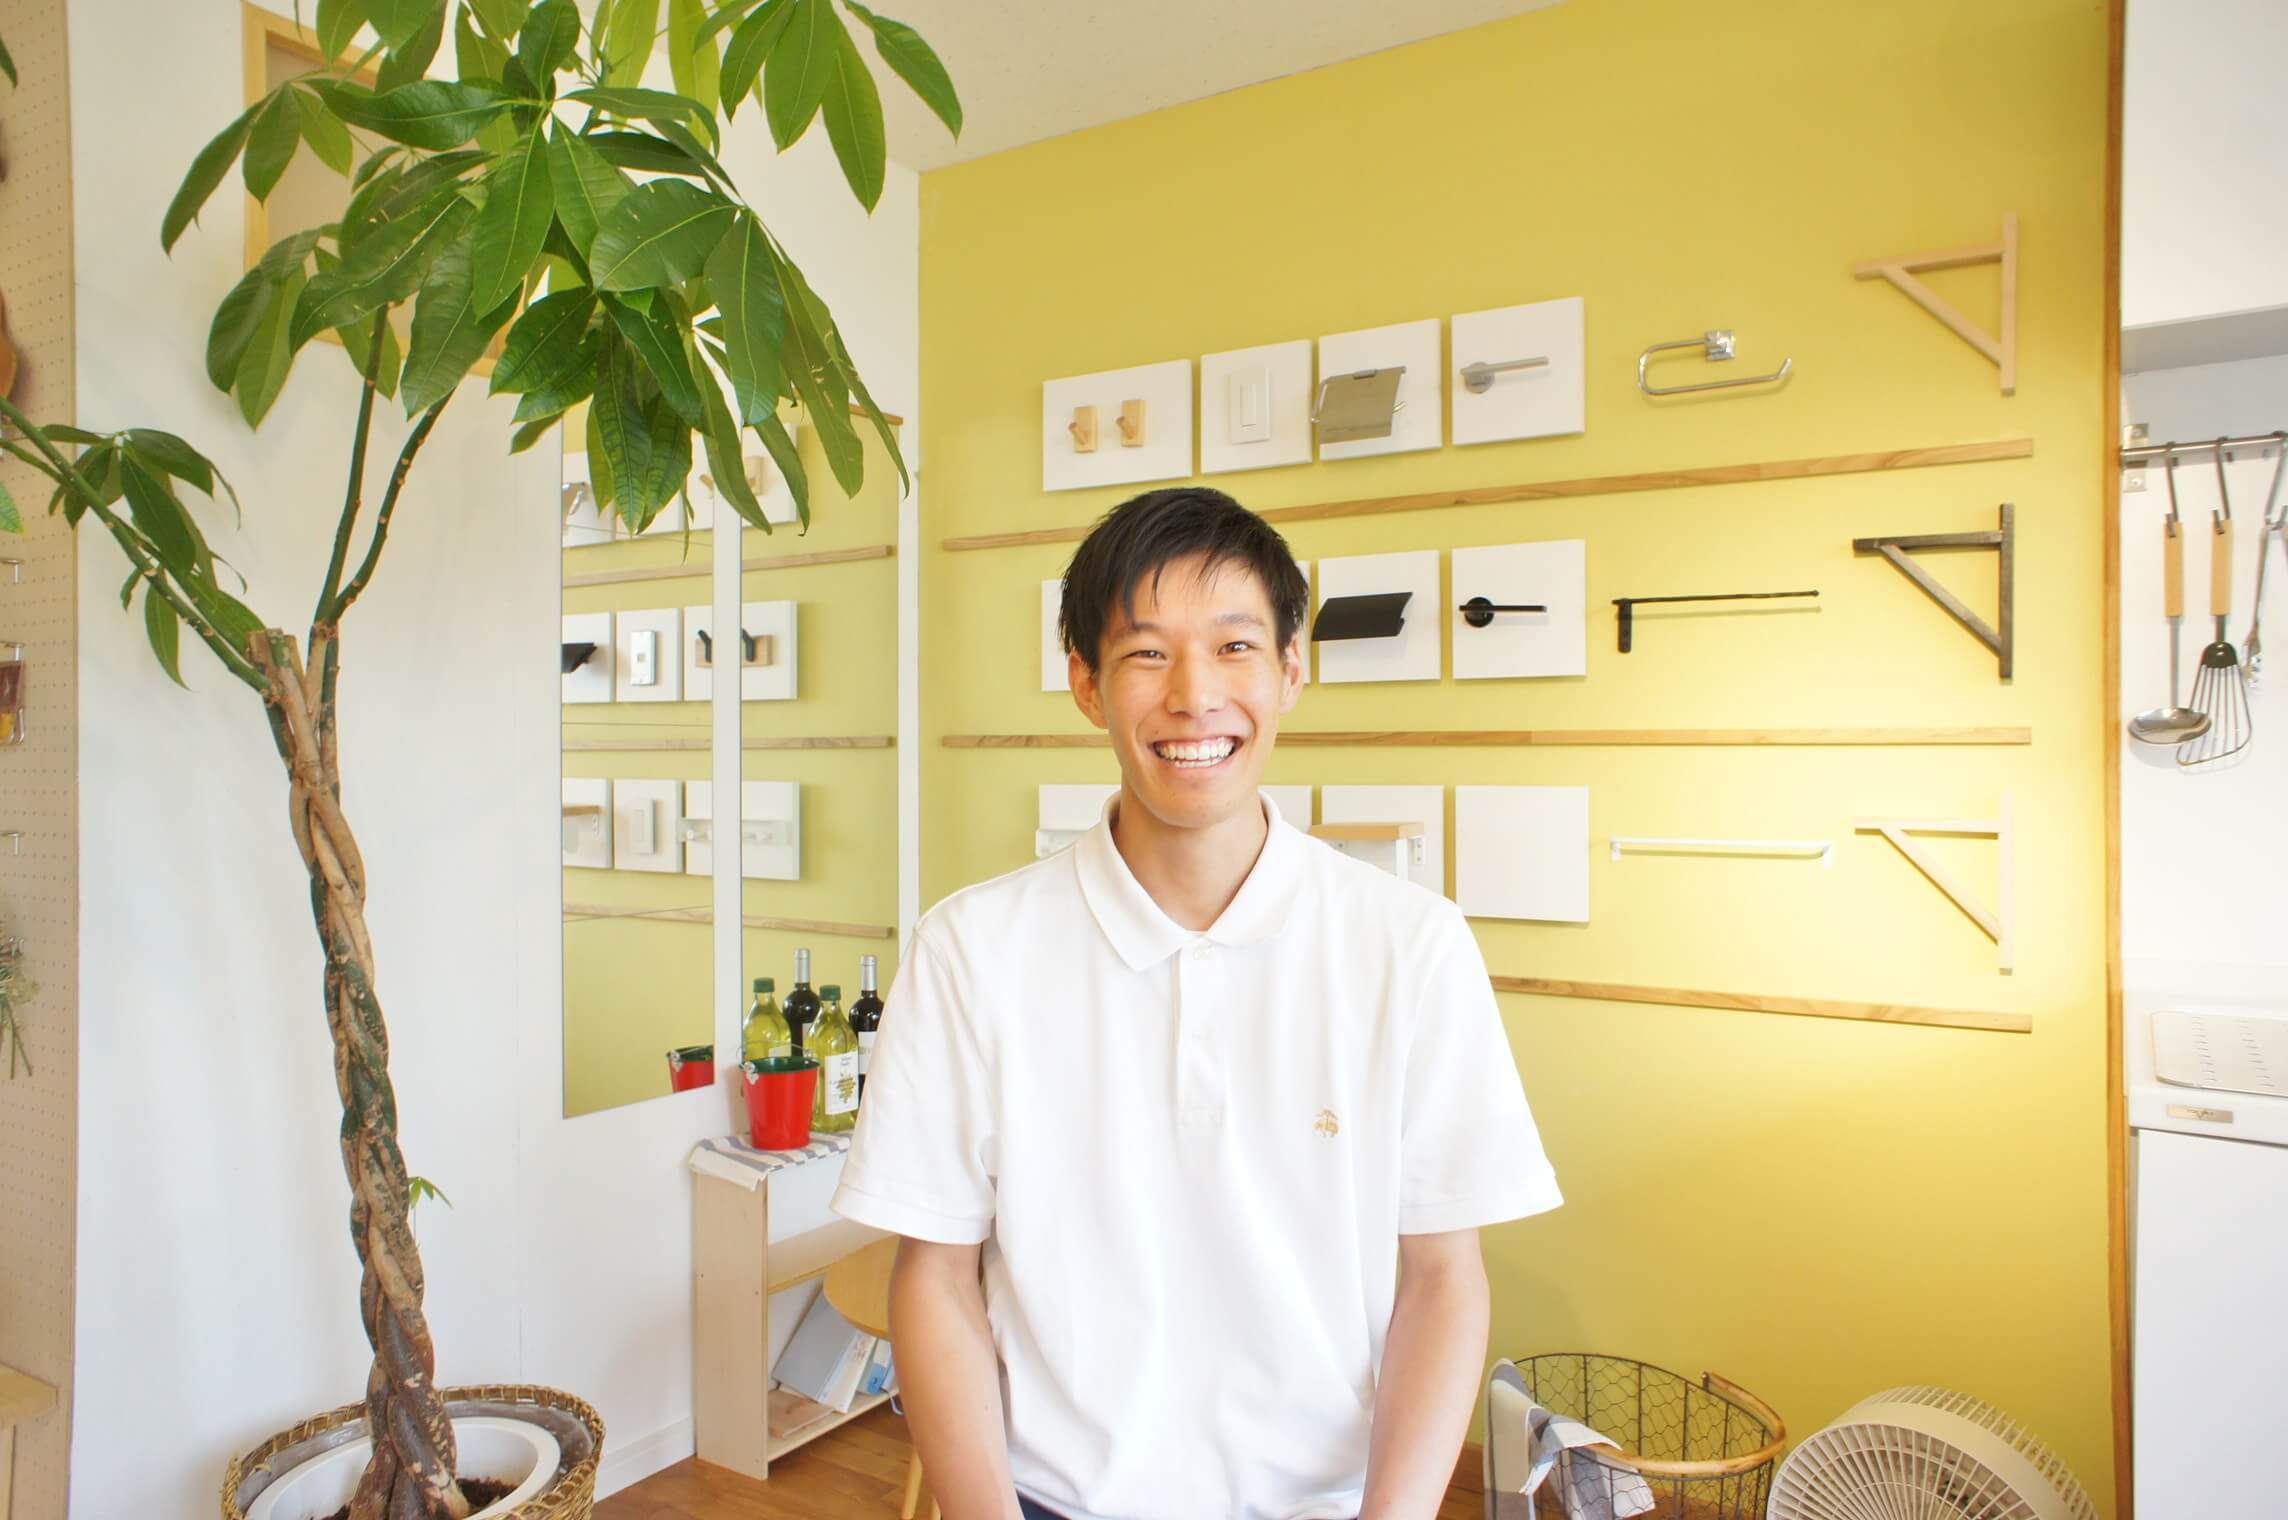 建築系の専門学校に通いながら学生アルバイトスタッフとして勤務。持ち前の建築知識や体力、さわやかな笑顔を武器にお部屋をレポートしています!